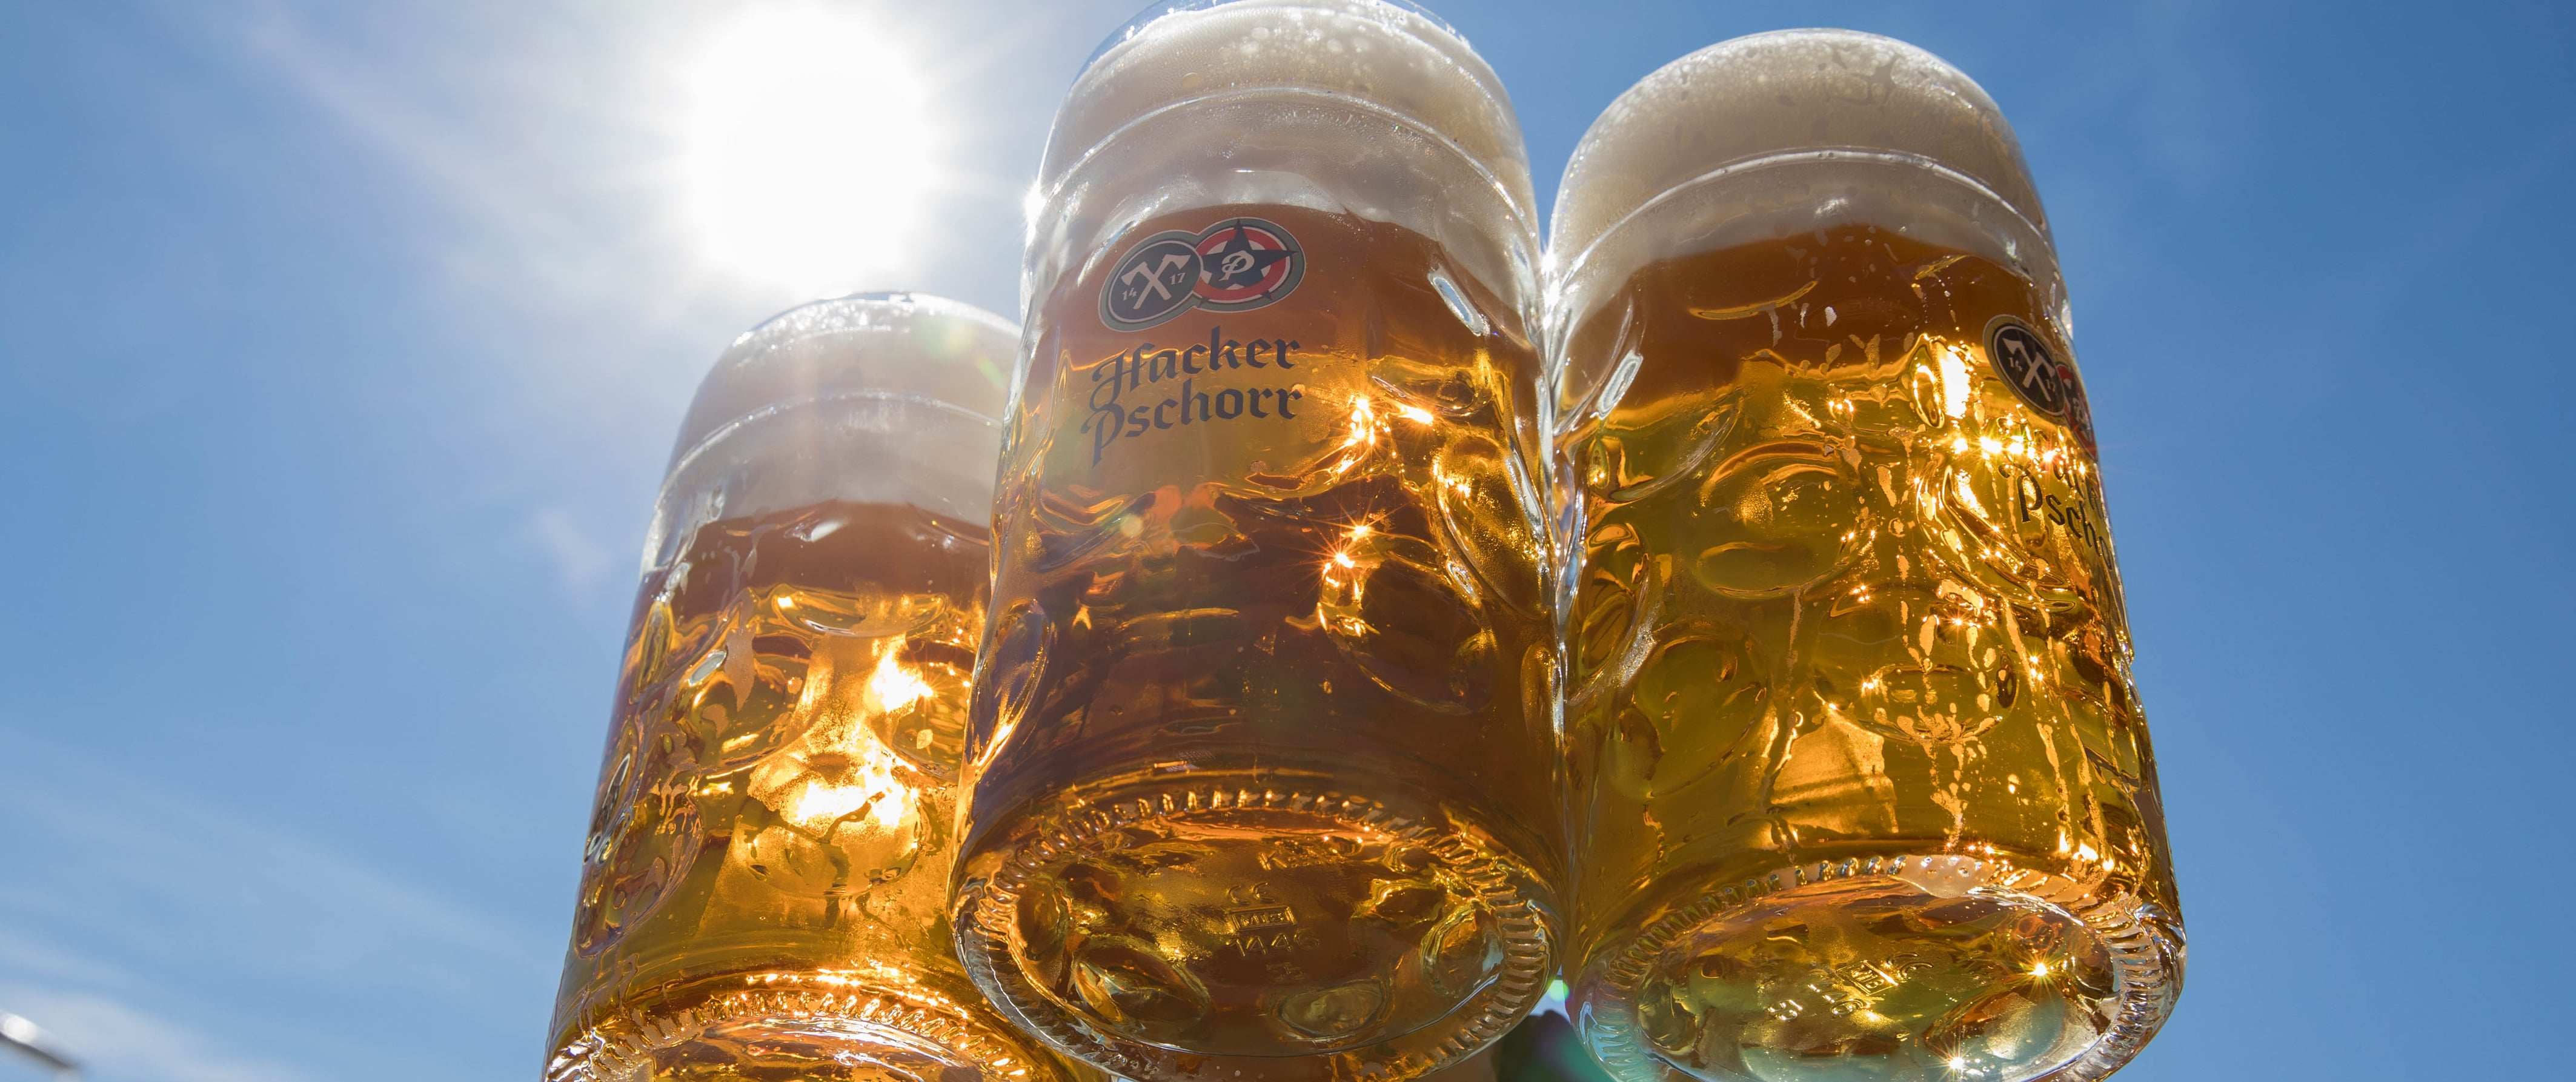 Hacker-Festzelt - Maßkrüge mit Bier im Sonnenlicht